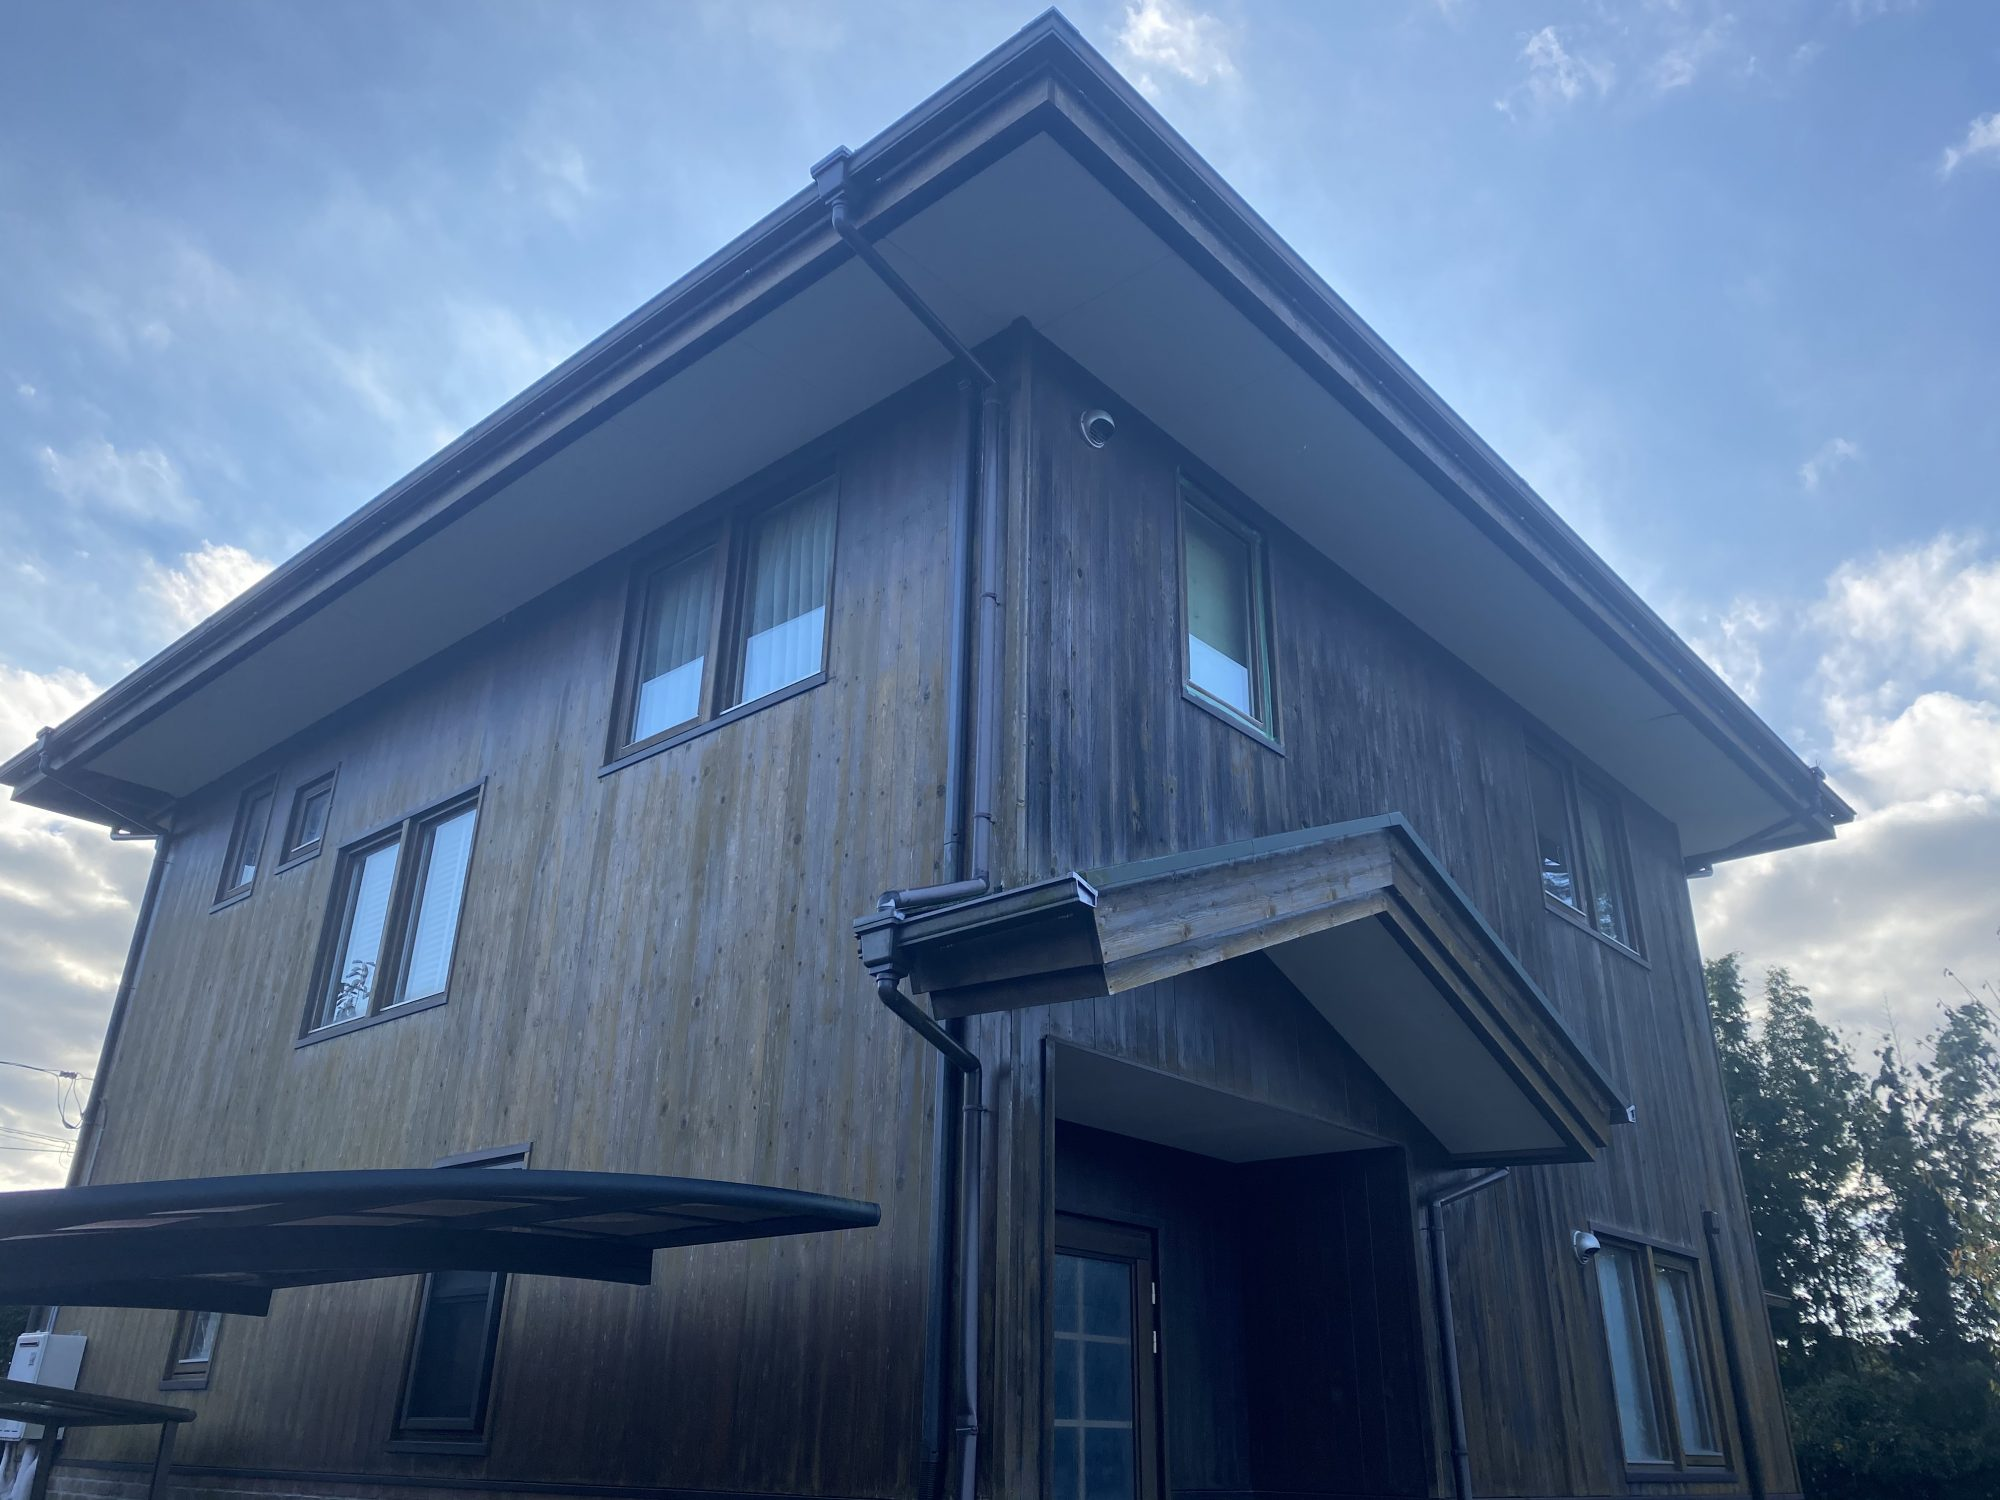 いすみ市H様邸屋根外壁塗装工事 Before